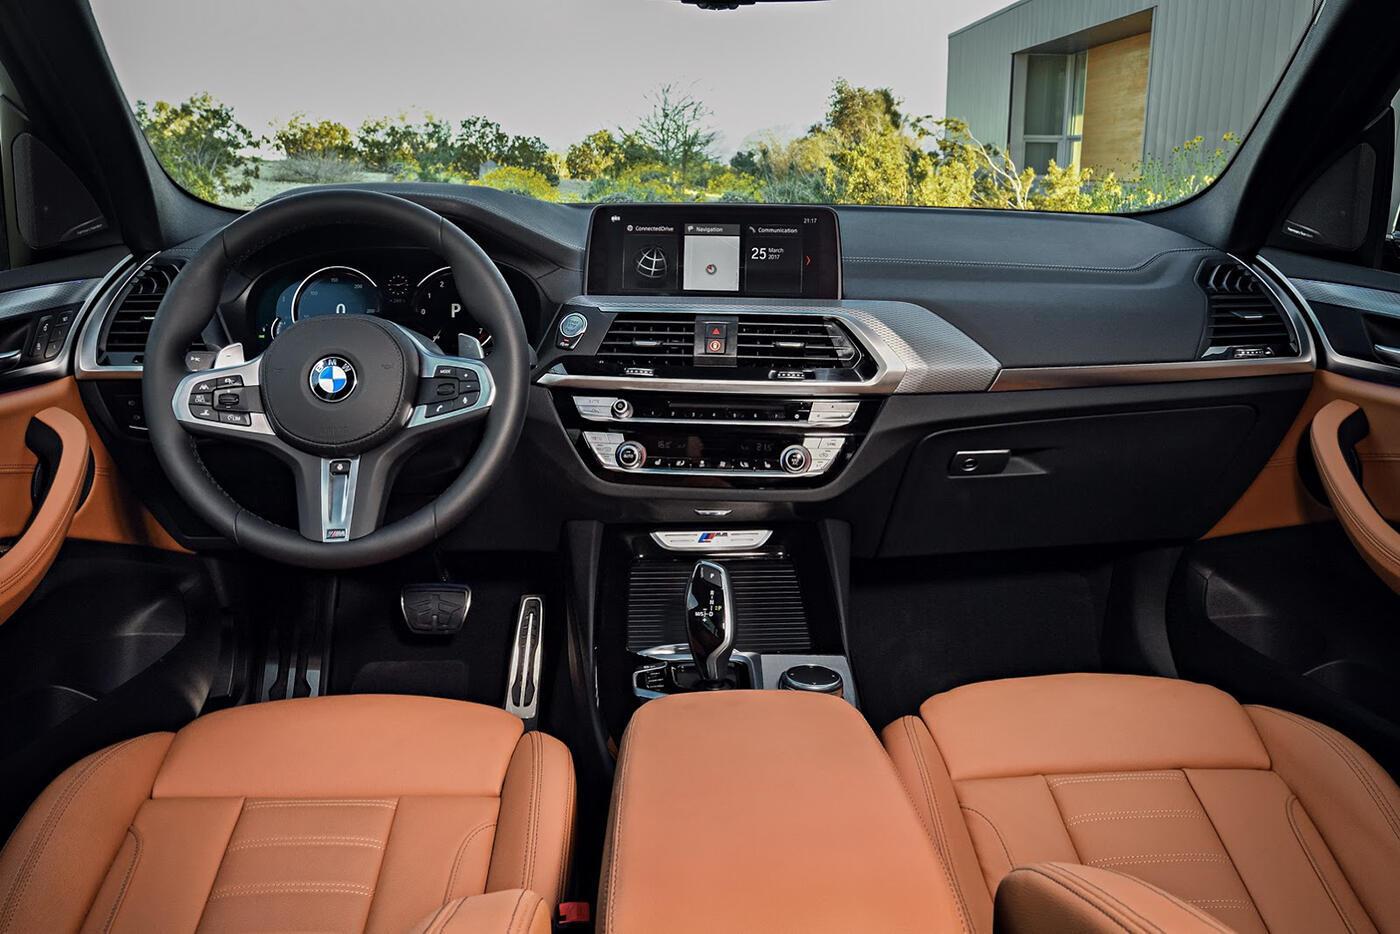 BMW X3 2018 chính thức trình làng, thêm nhiều trang bị mới - Hình 8